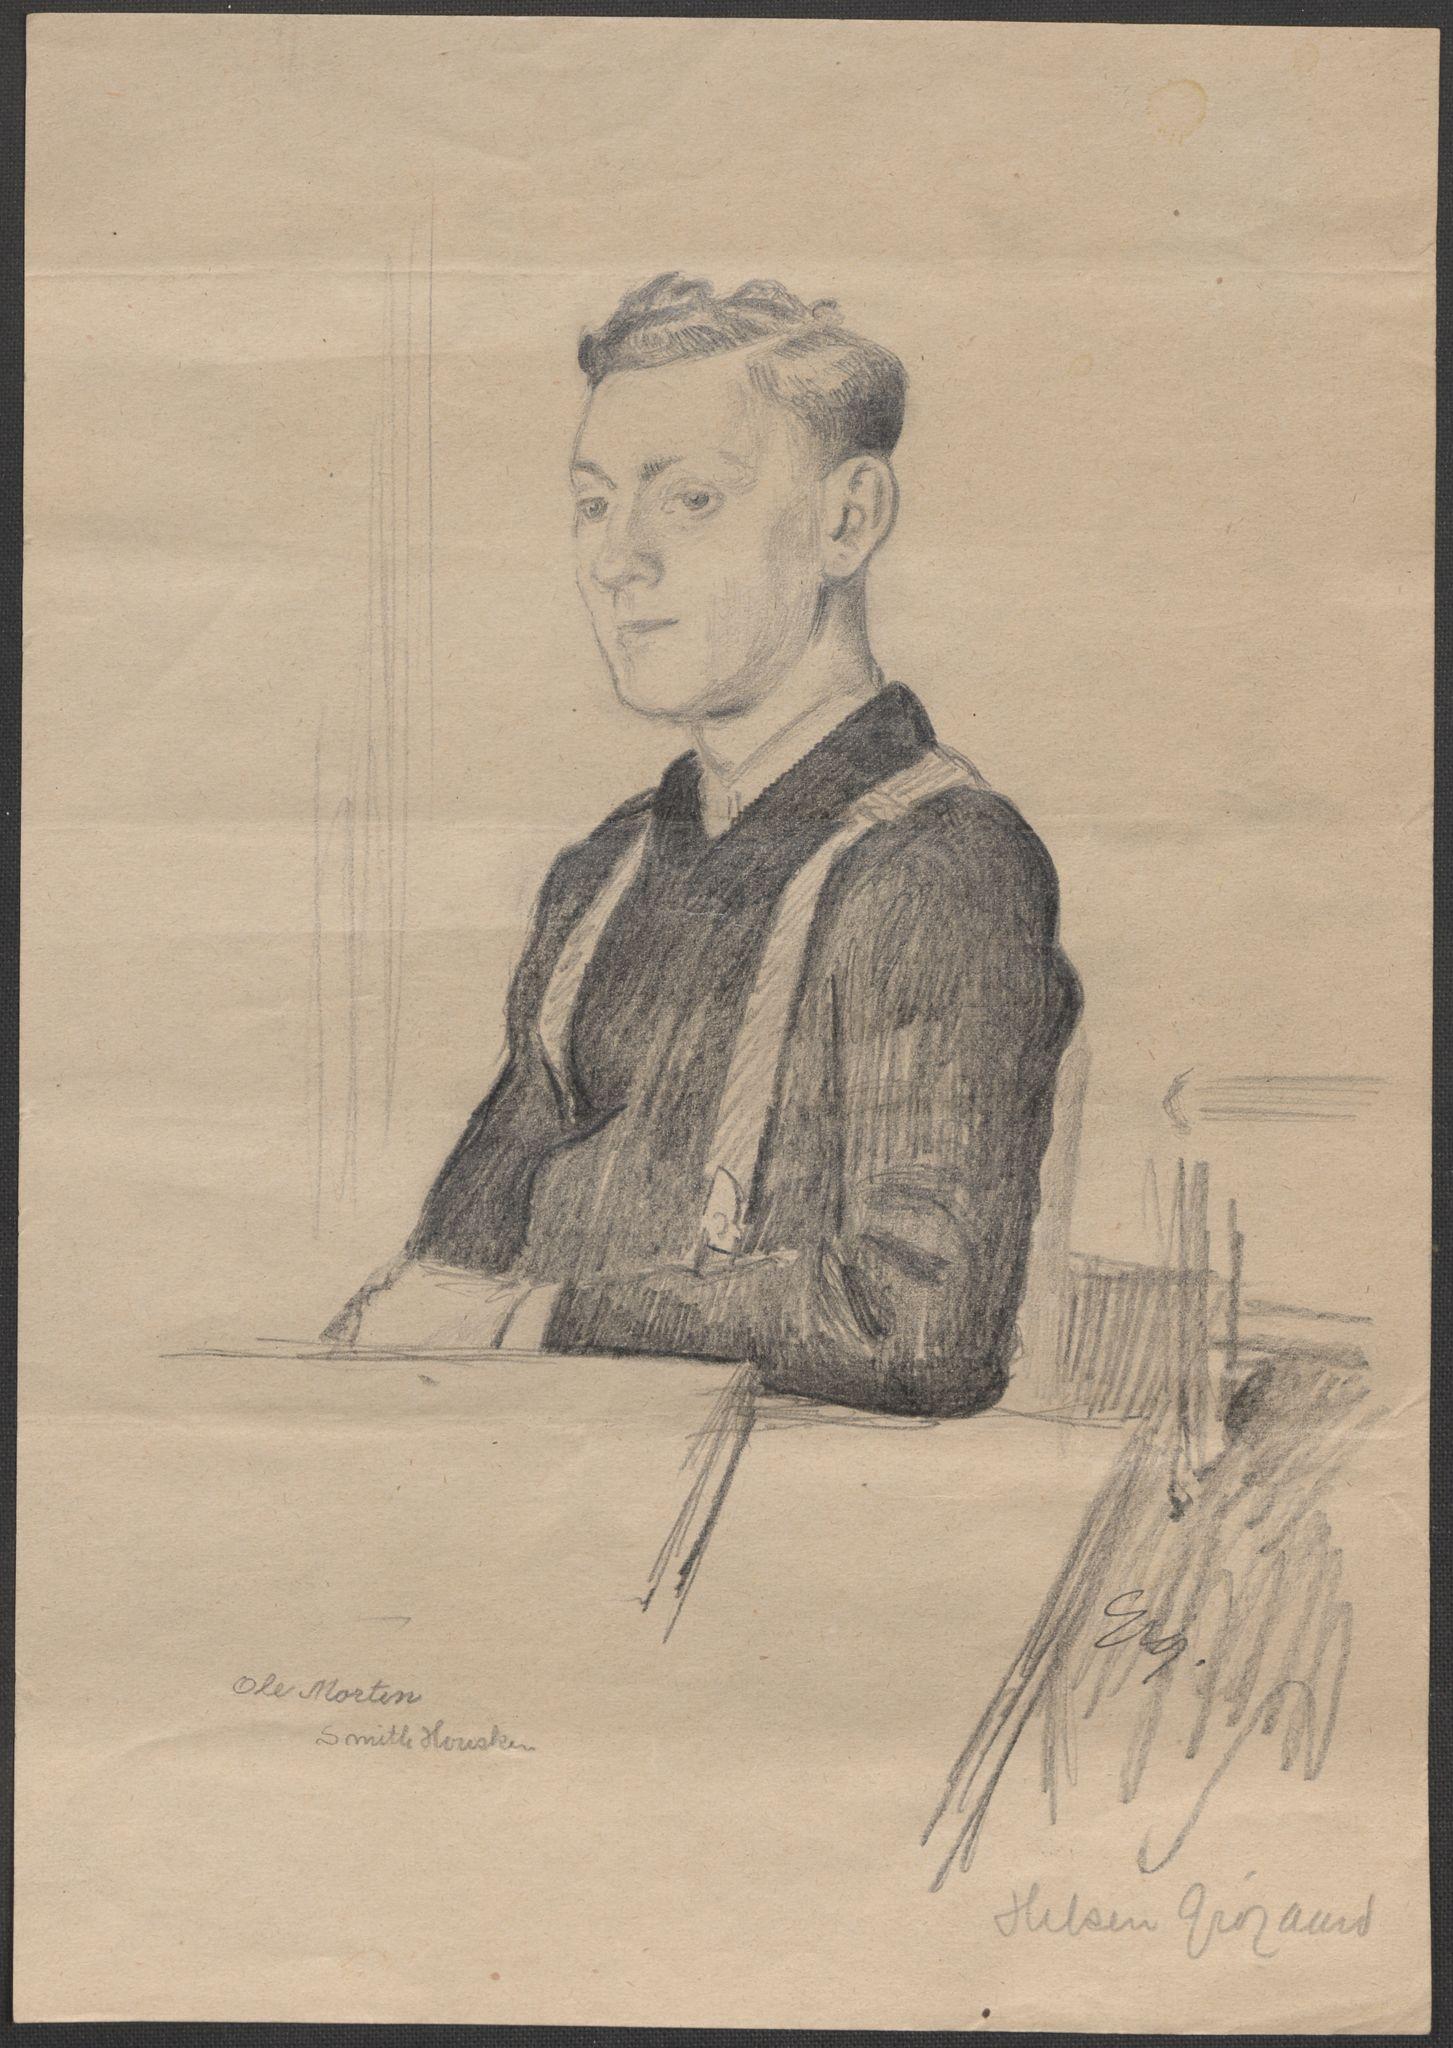 RA, Grøgaard, Joachim, F/L0002: Tegninger og tekster, 1942-1945, s. 42